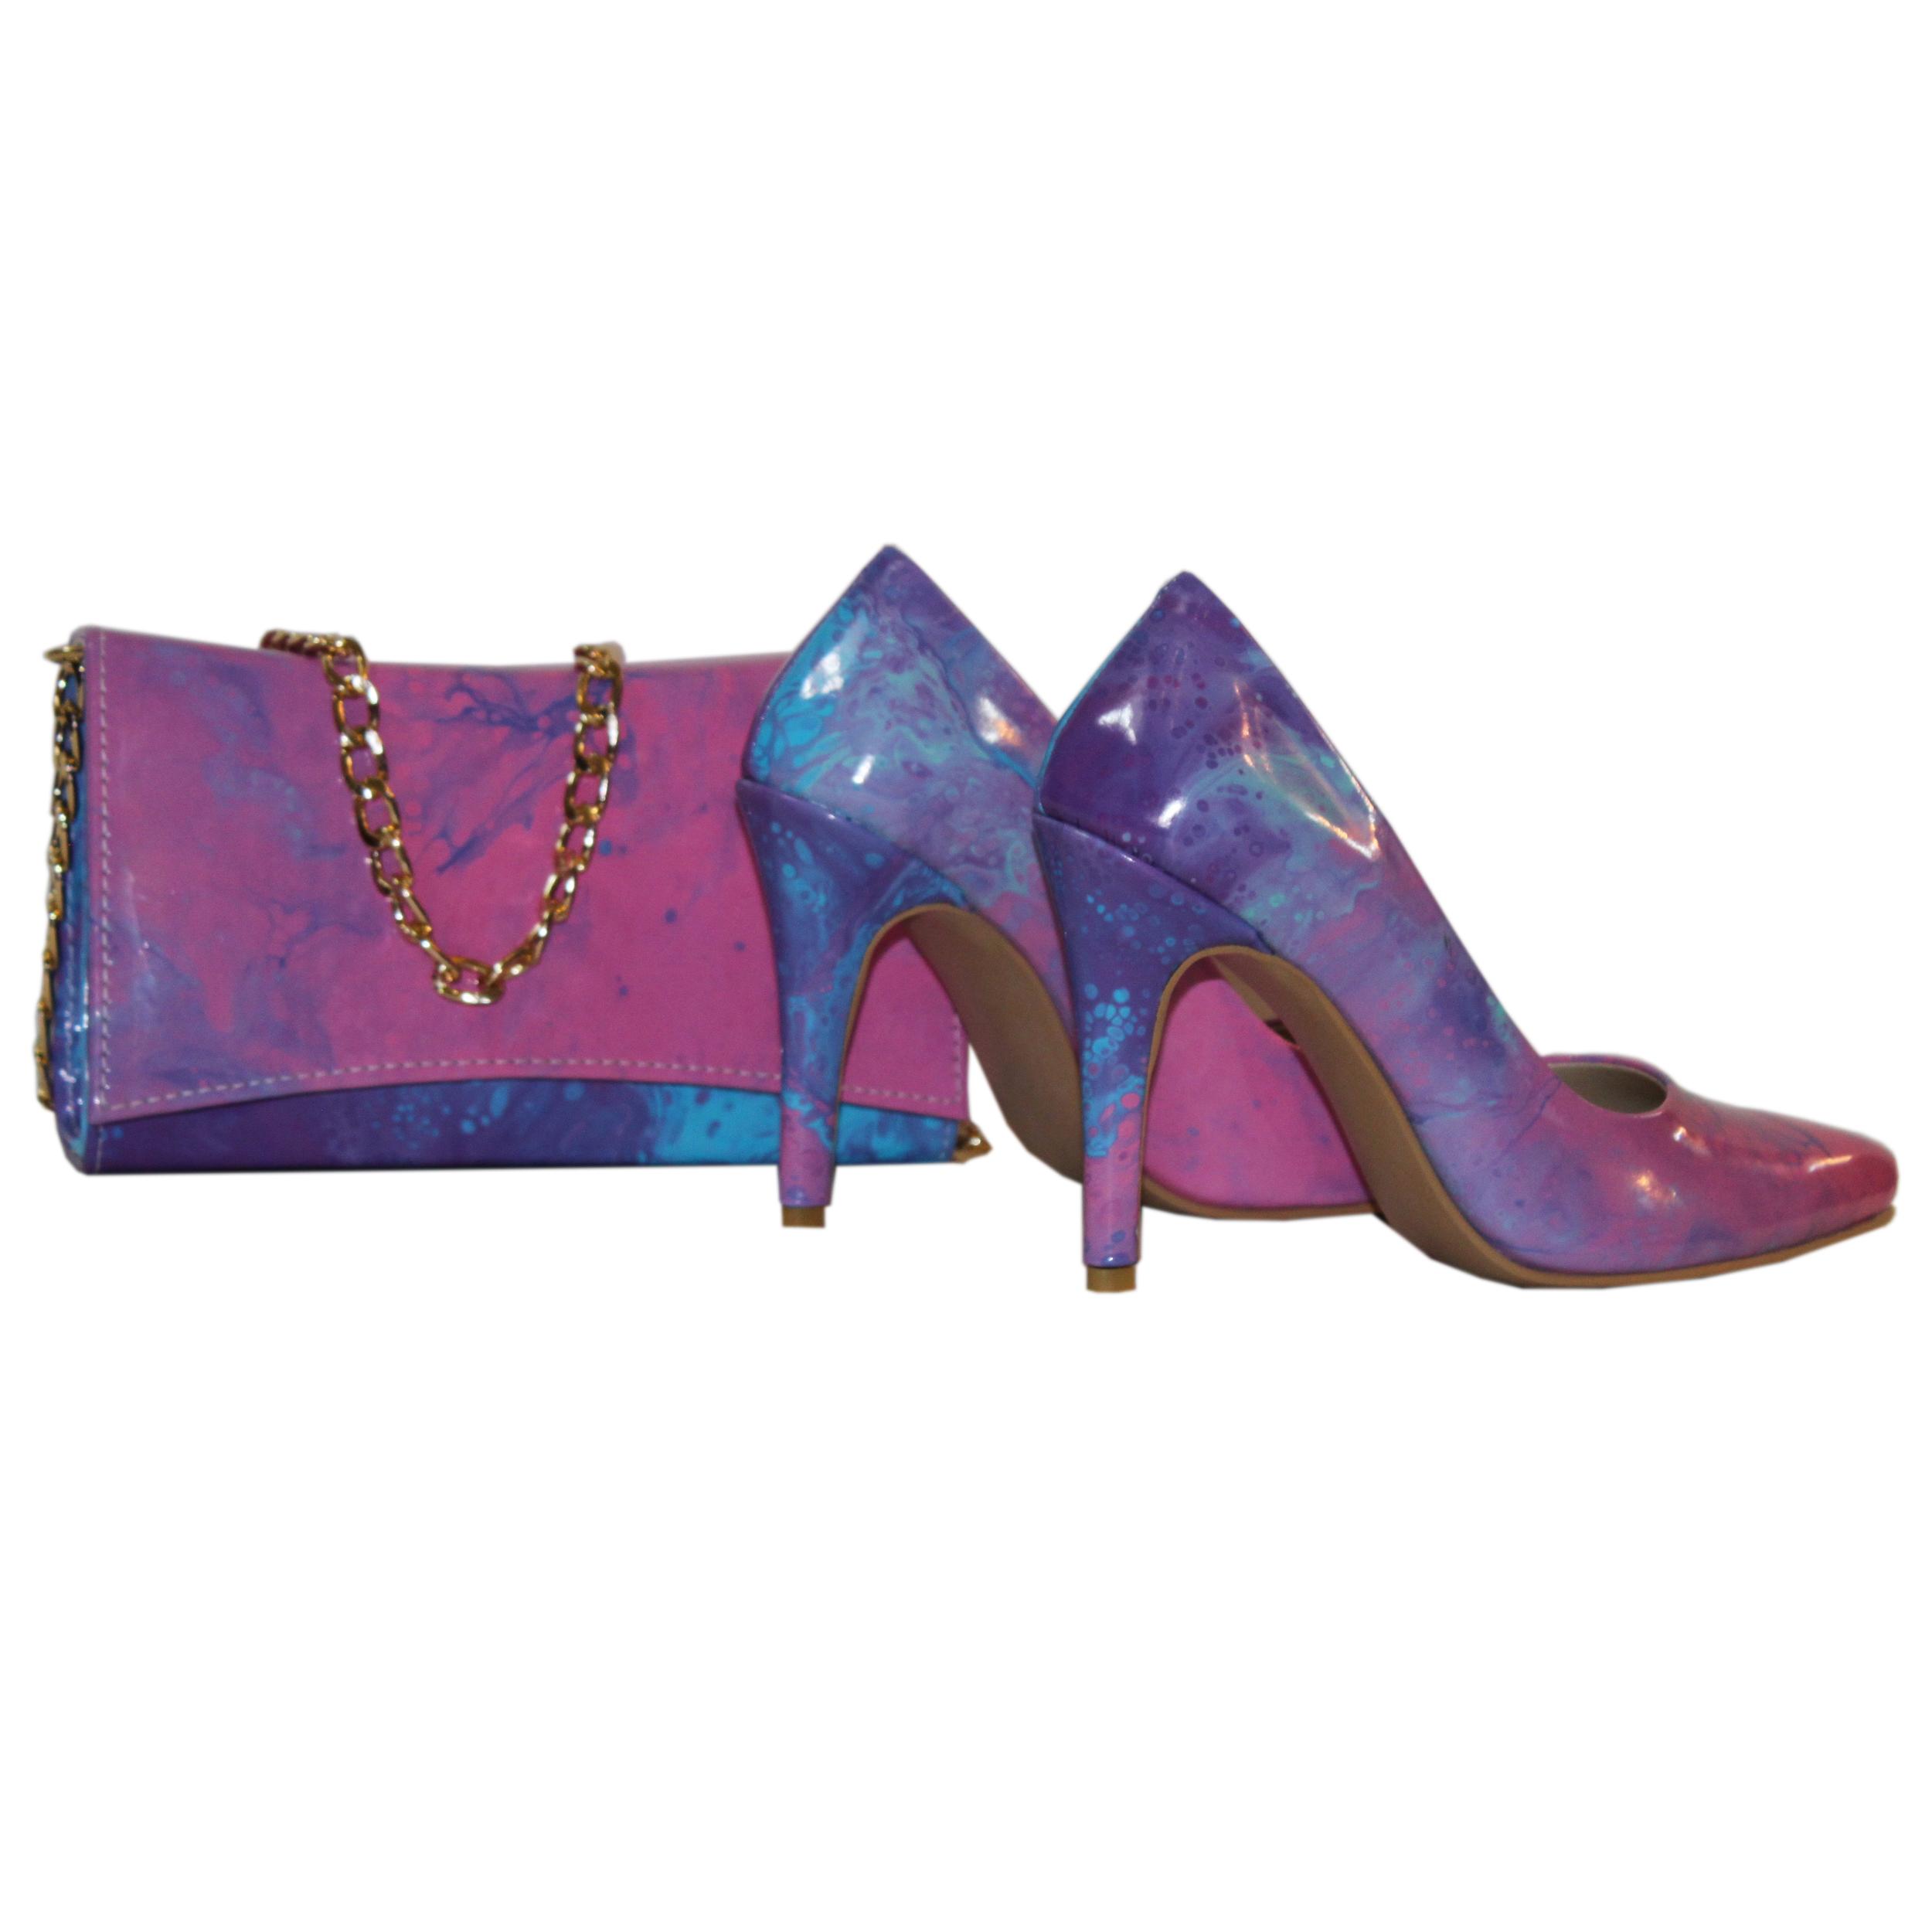 ست کیف و کفش زنانه کد 317 main 1 3